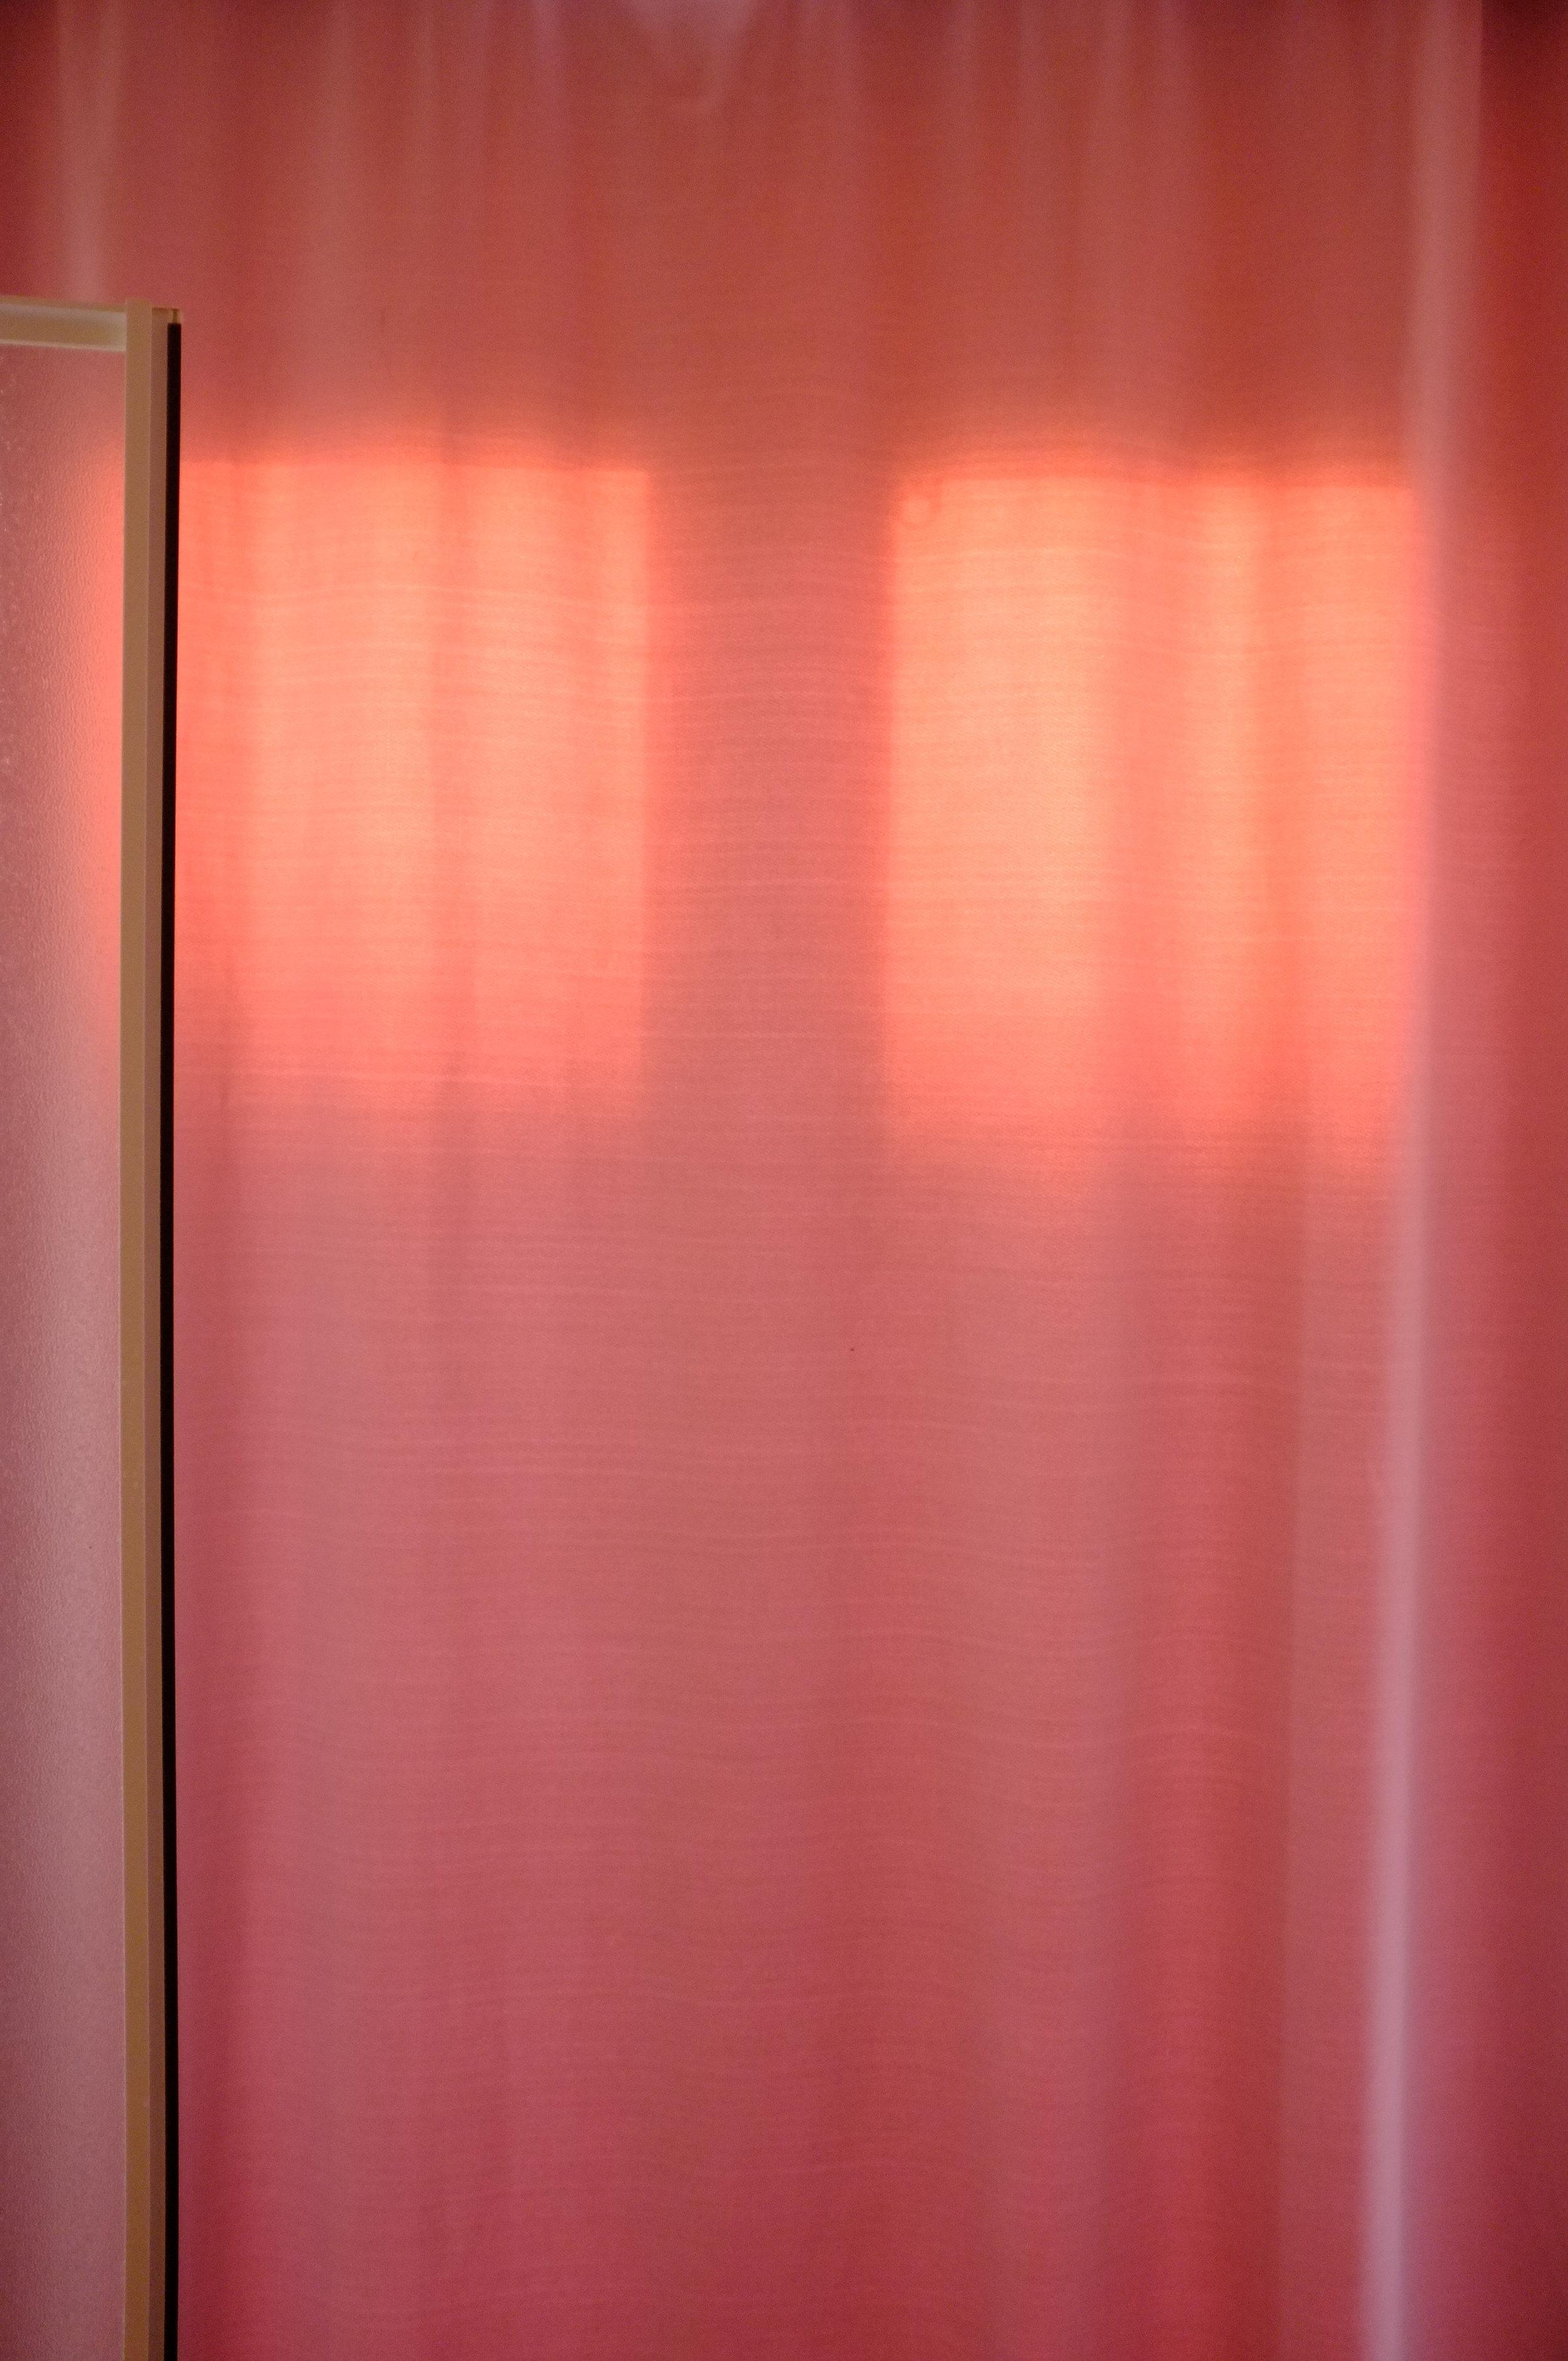 Curtain, photographie numérique, 2018